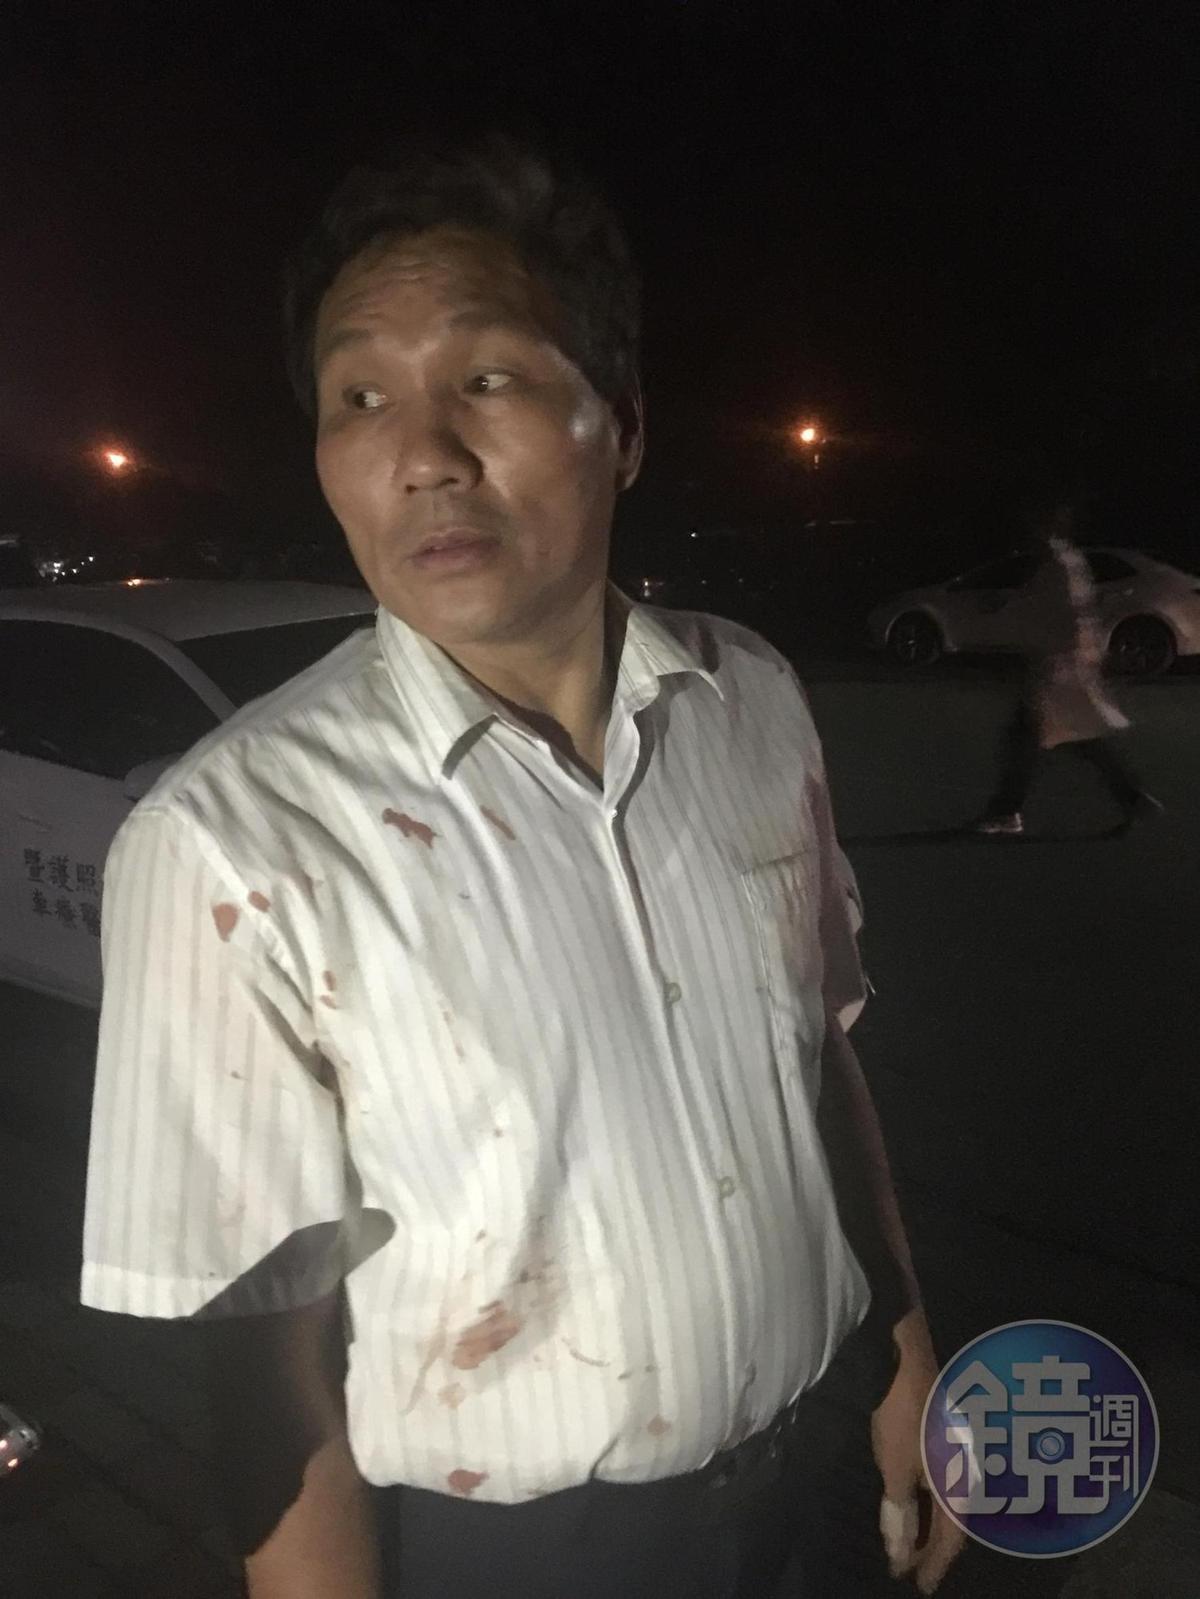 乘客死裡逃生,身上的白襯衫還血跡斑斑。